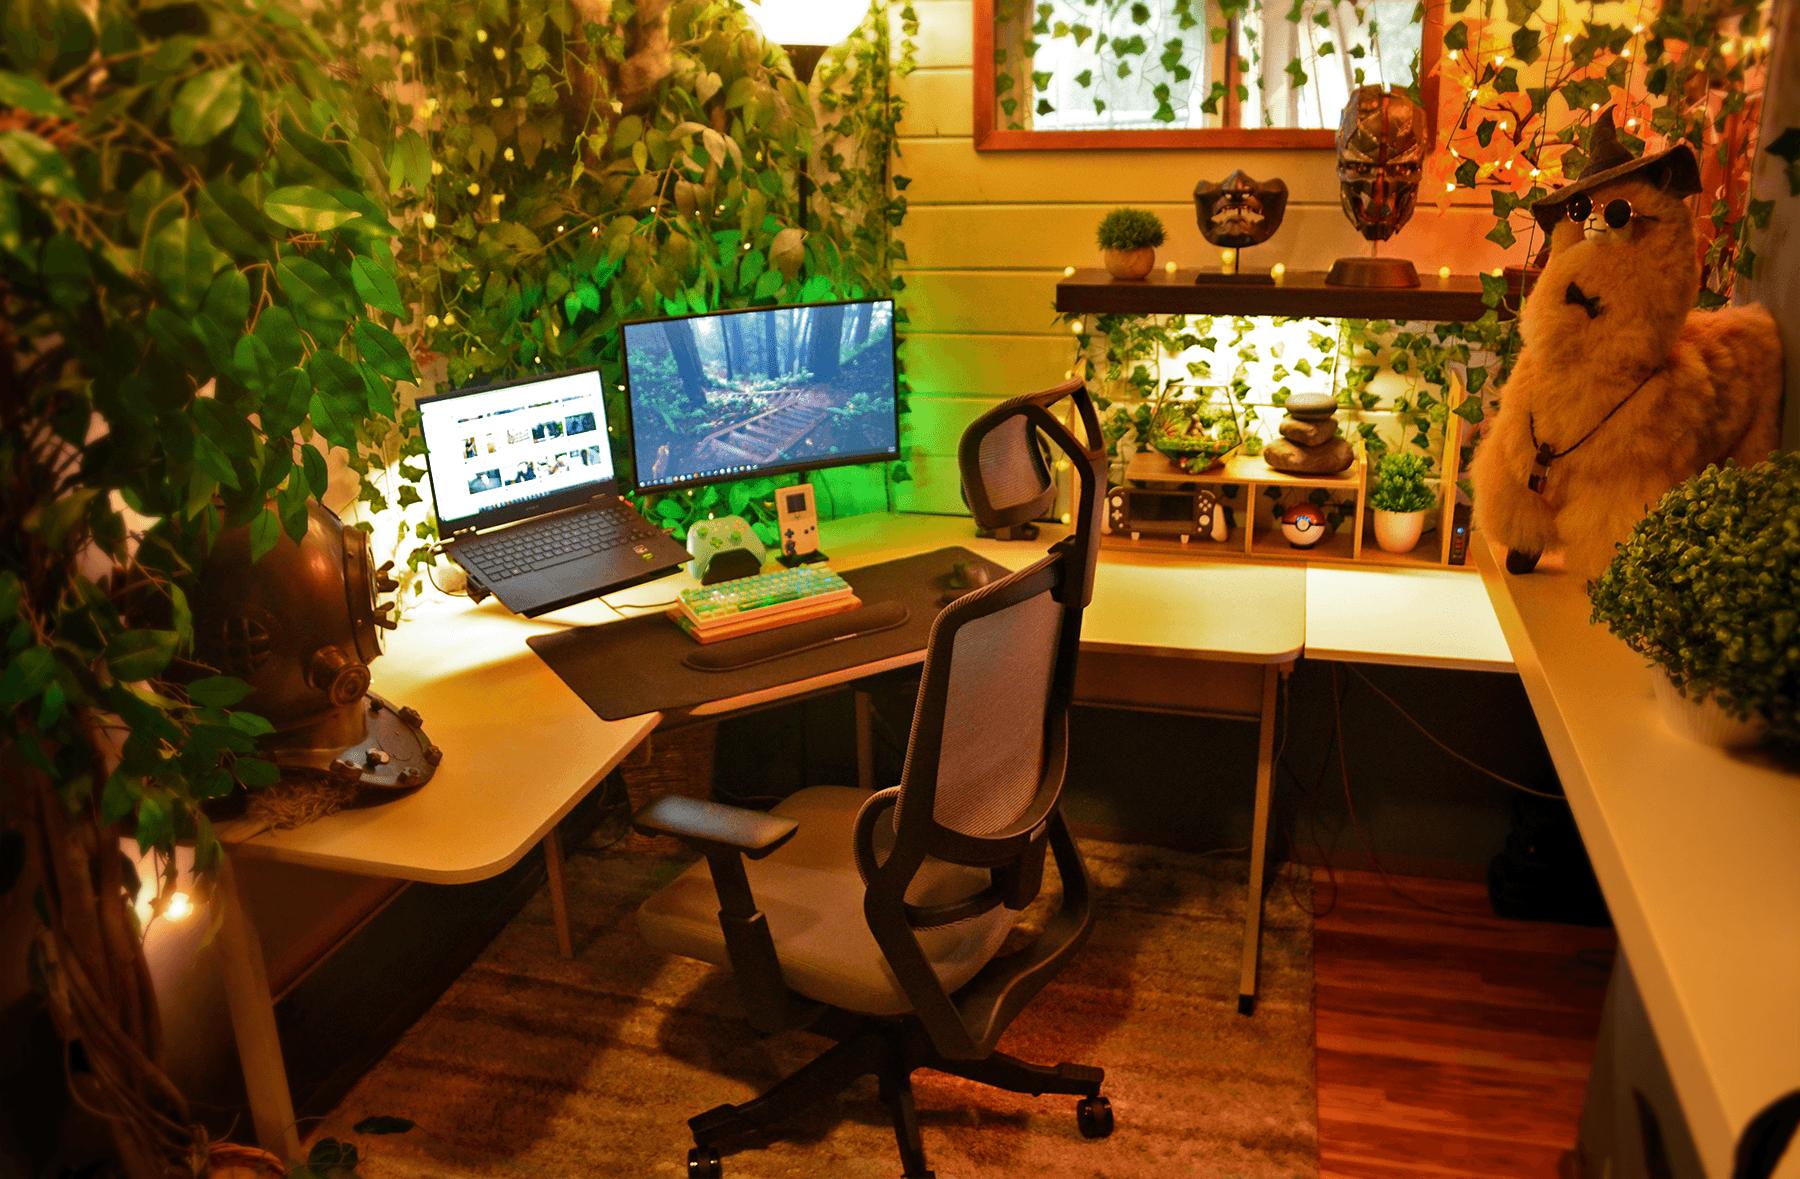 Zen gaming setup